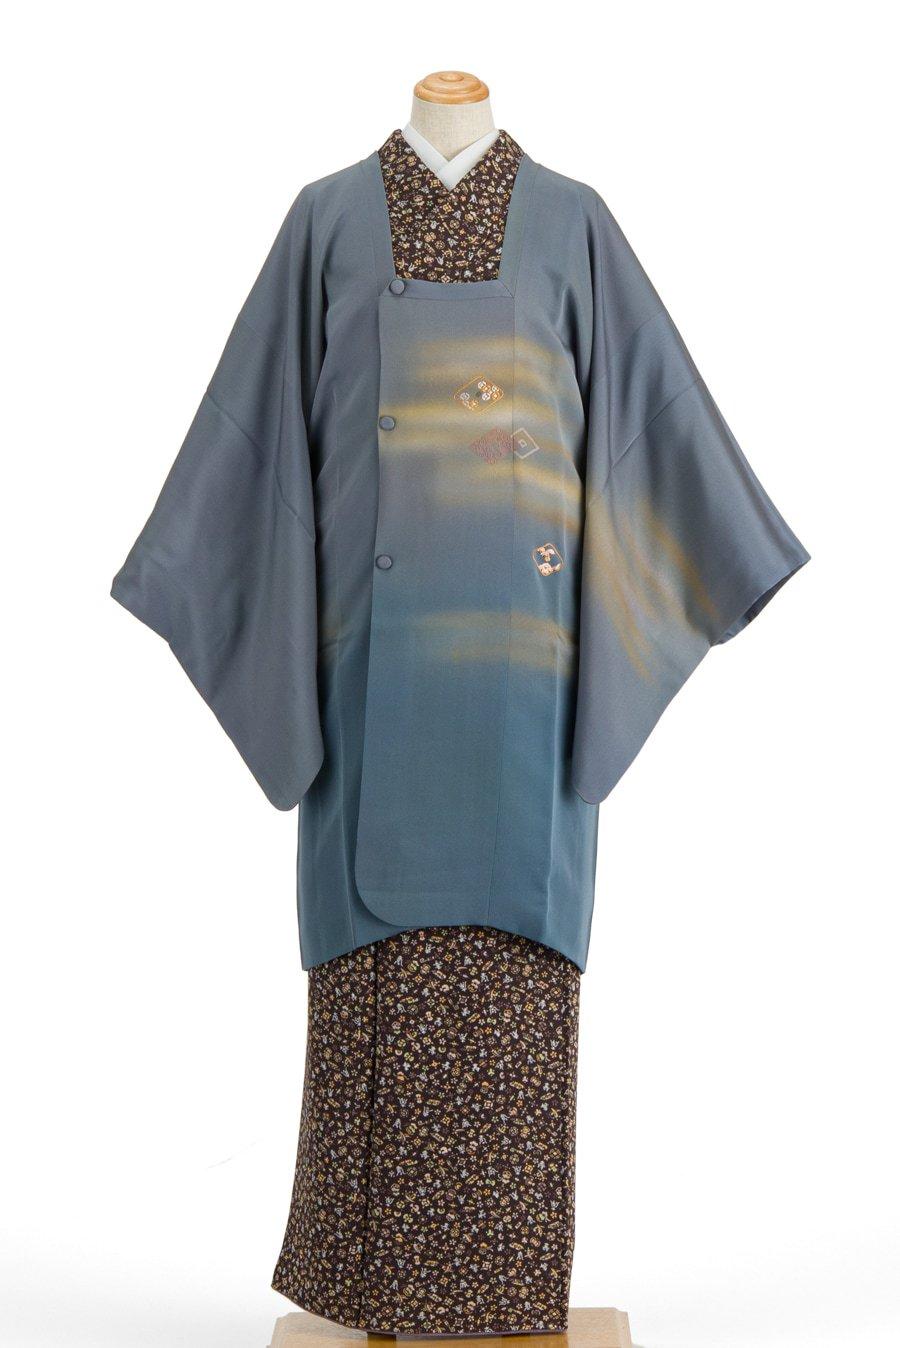 「道行コート 絵羽刺繍 霞に菱」の商品画像